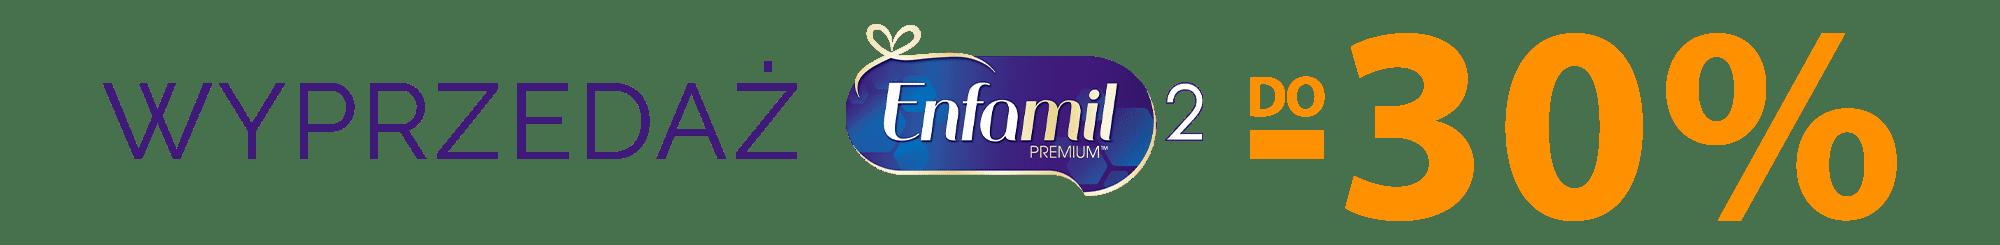 Wyprzedaż Enfamil